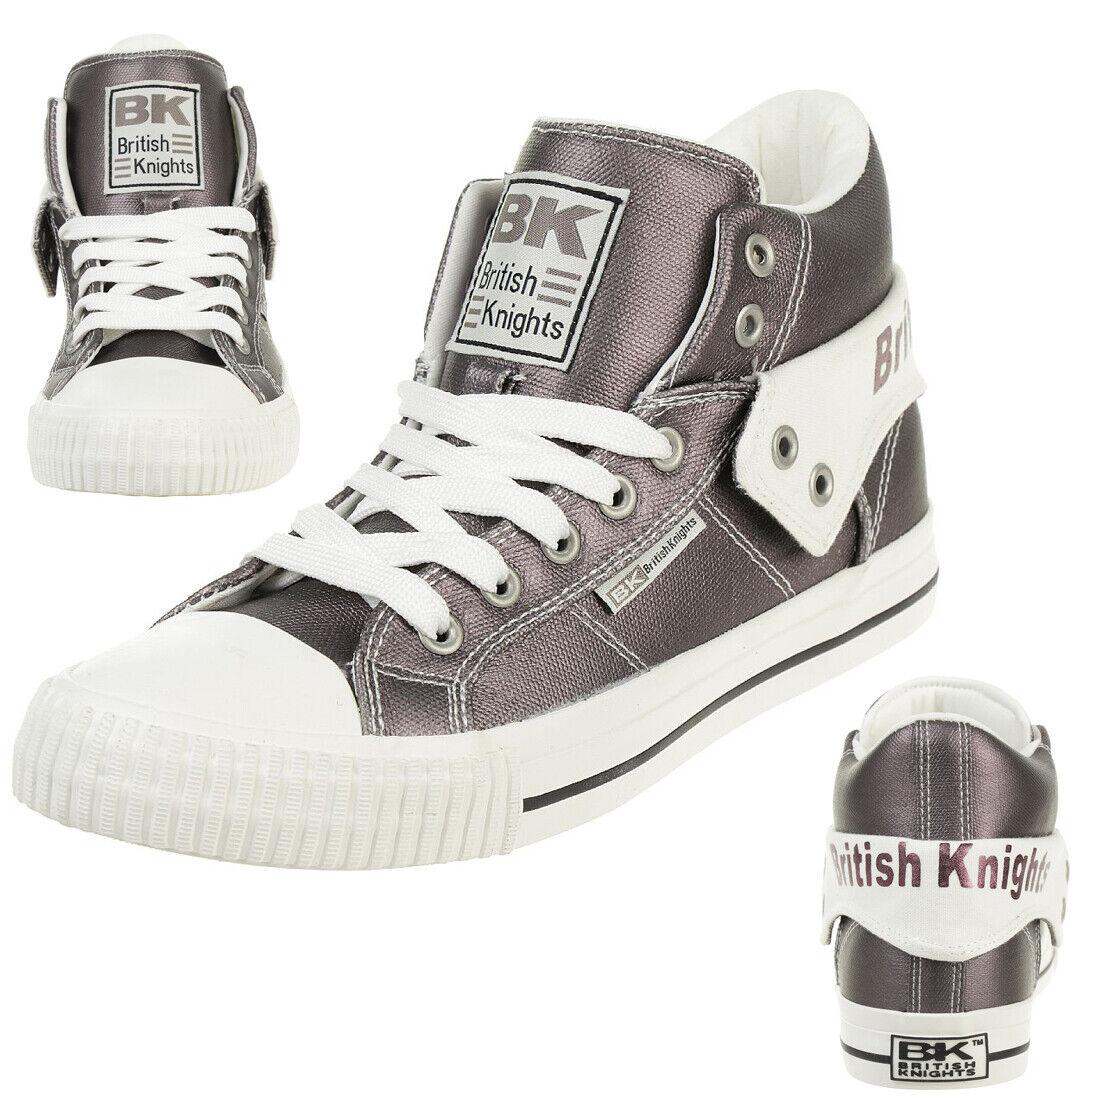 British Knights Roco Metálico BK Zapatillas Deportivas de Mujer B43 3706 02 gris